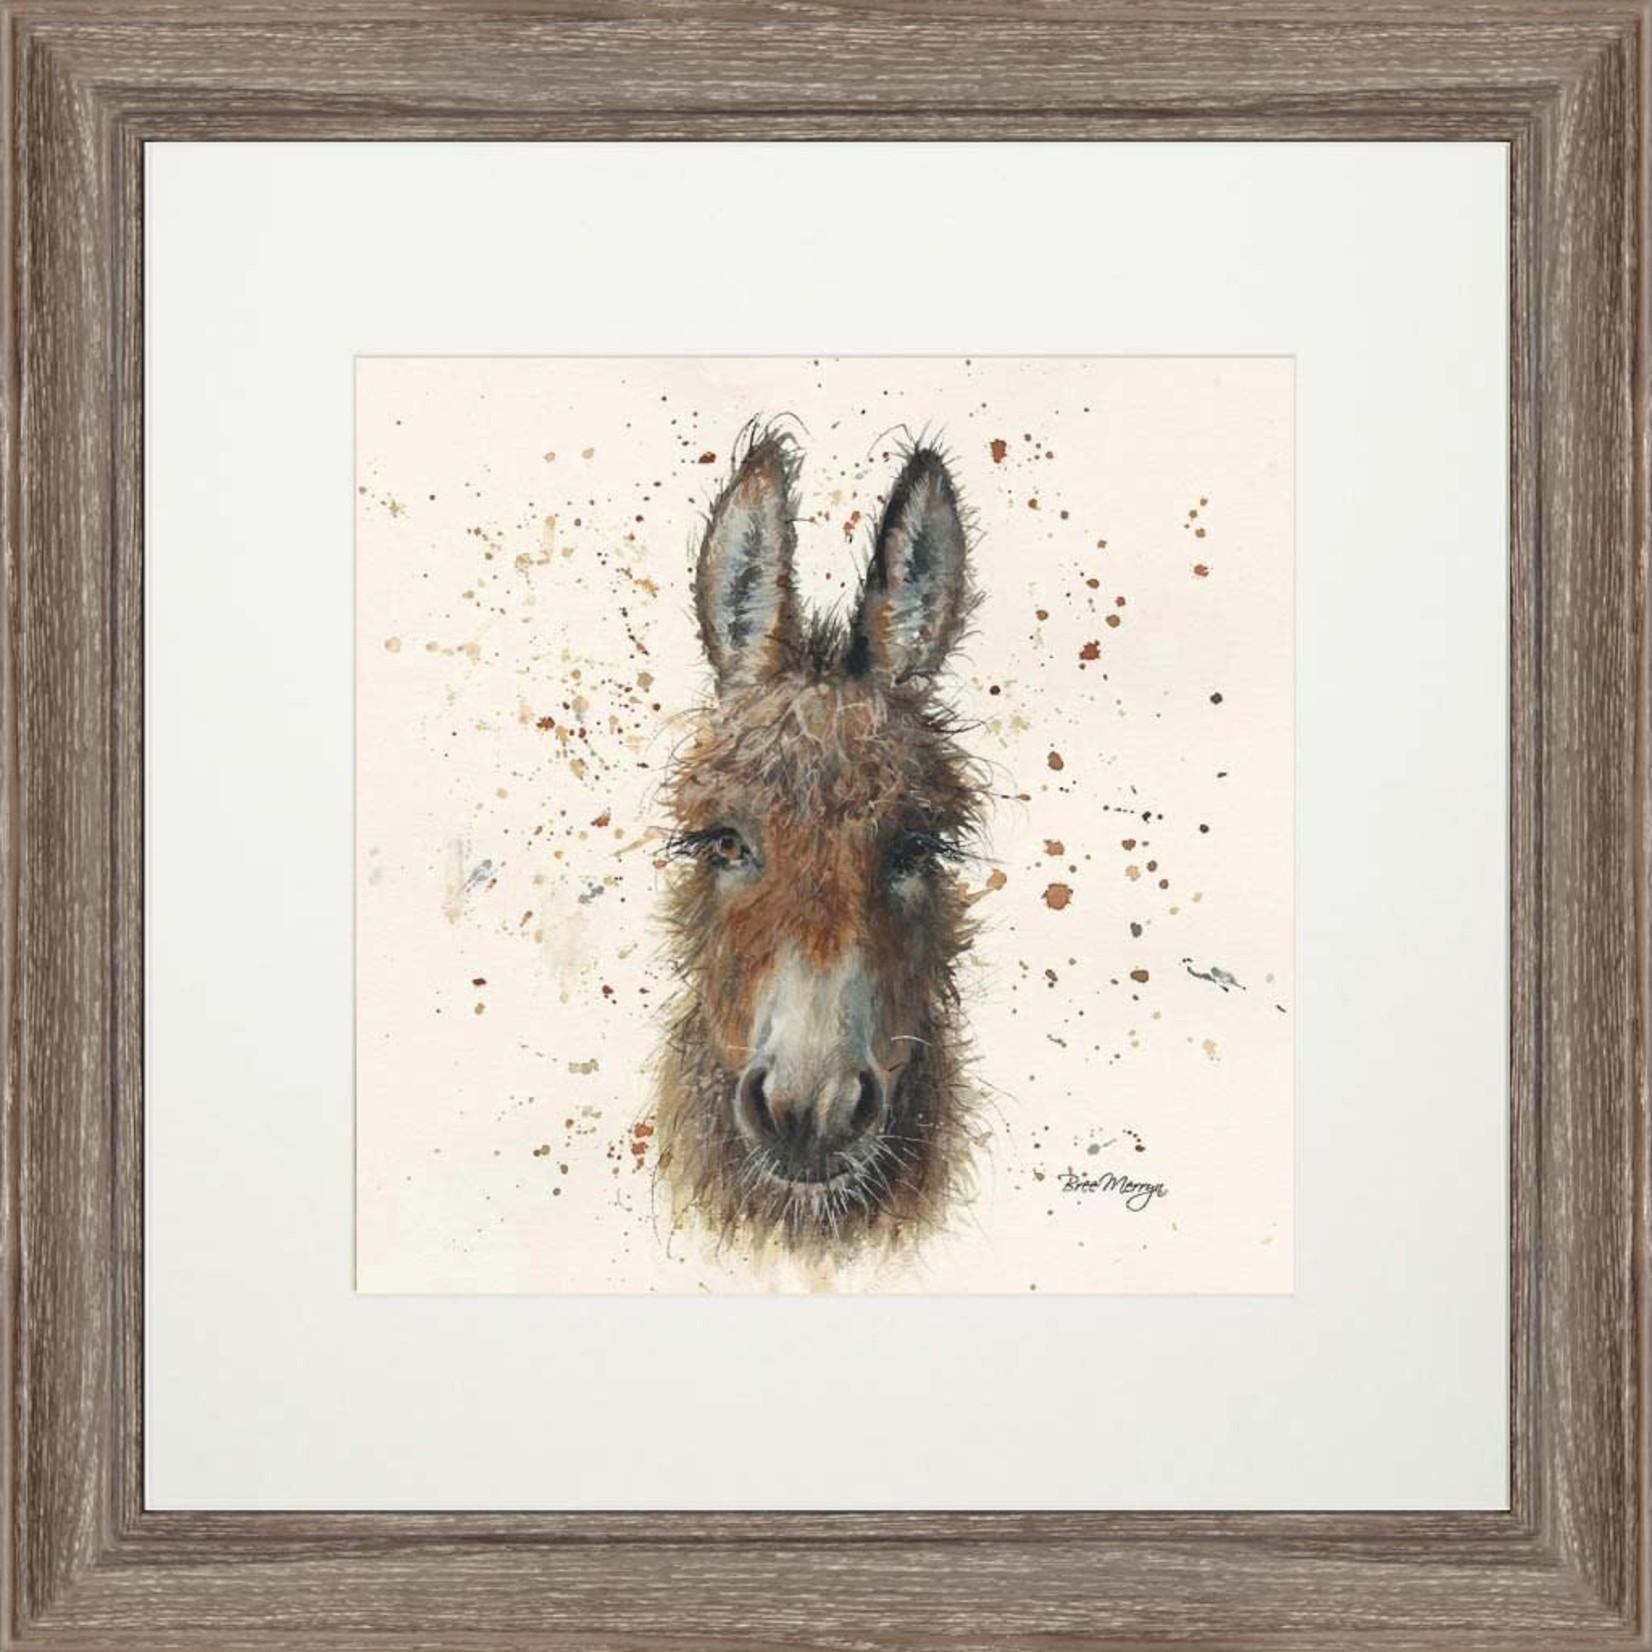 Bree Merryn Daisy Print and Mount Dark Wood Effect Frame 48cm